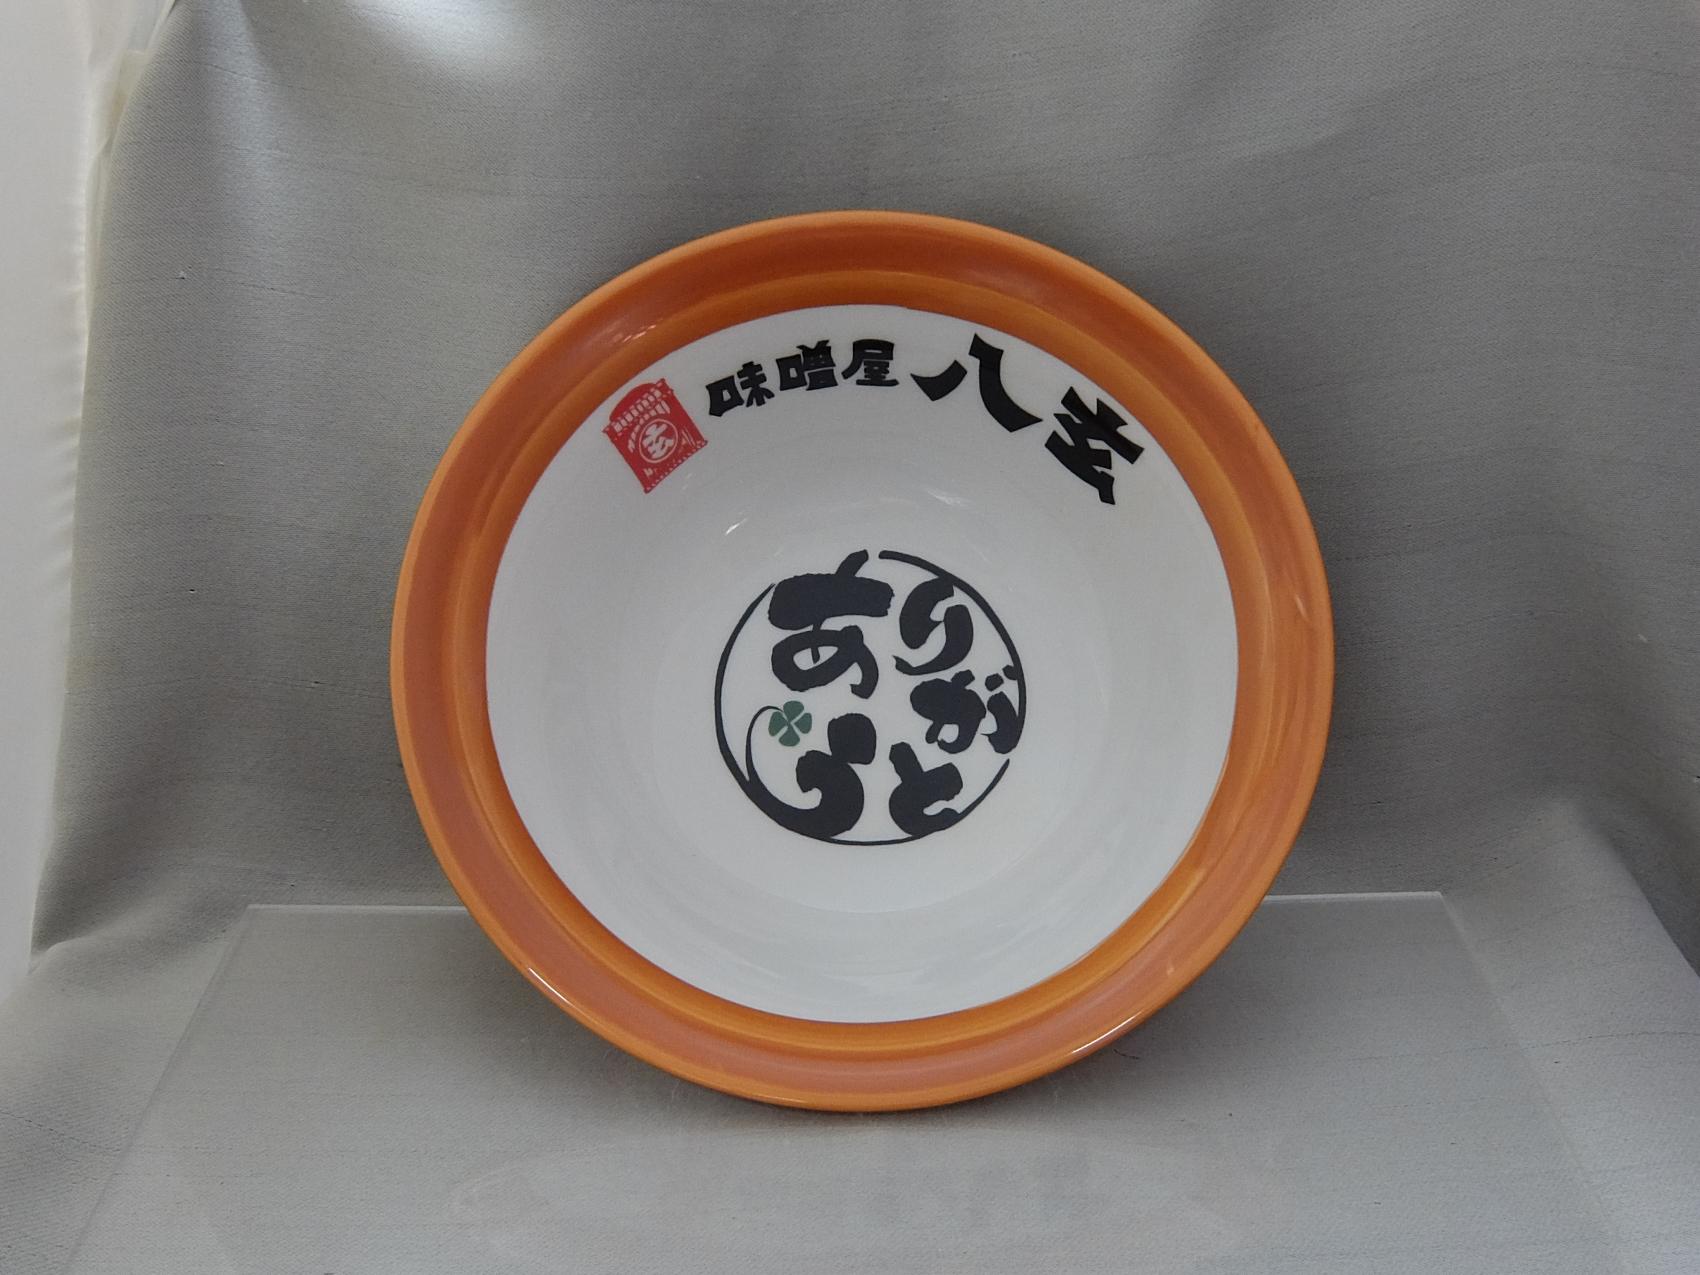 7.5コスパ丼 オレンジ巻内白